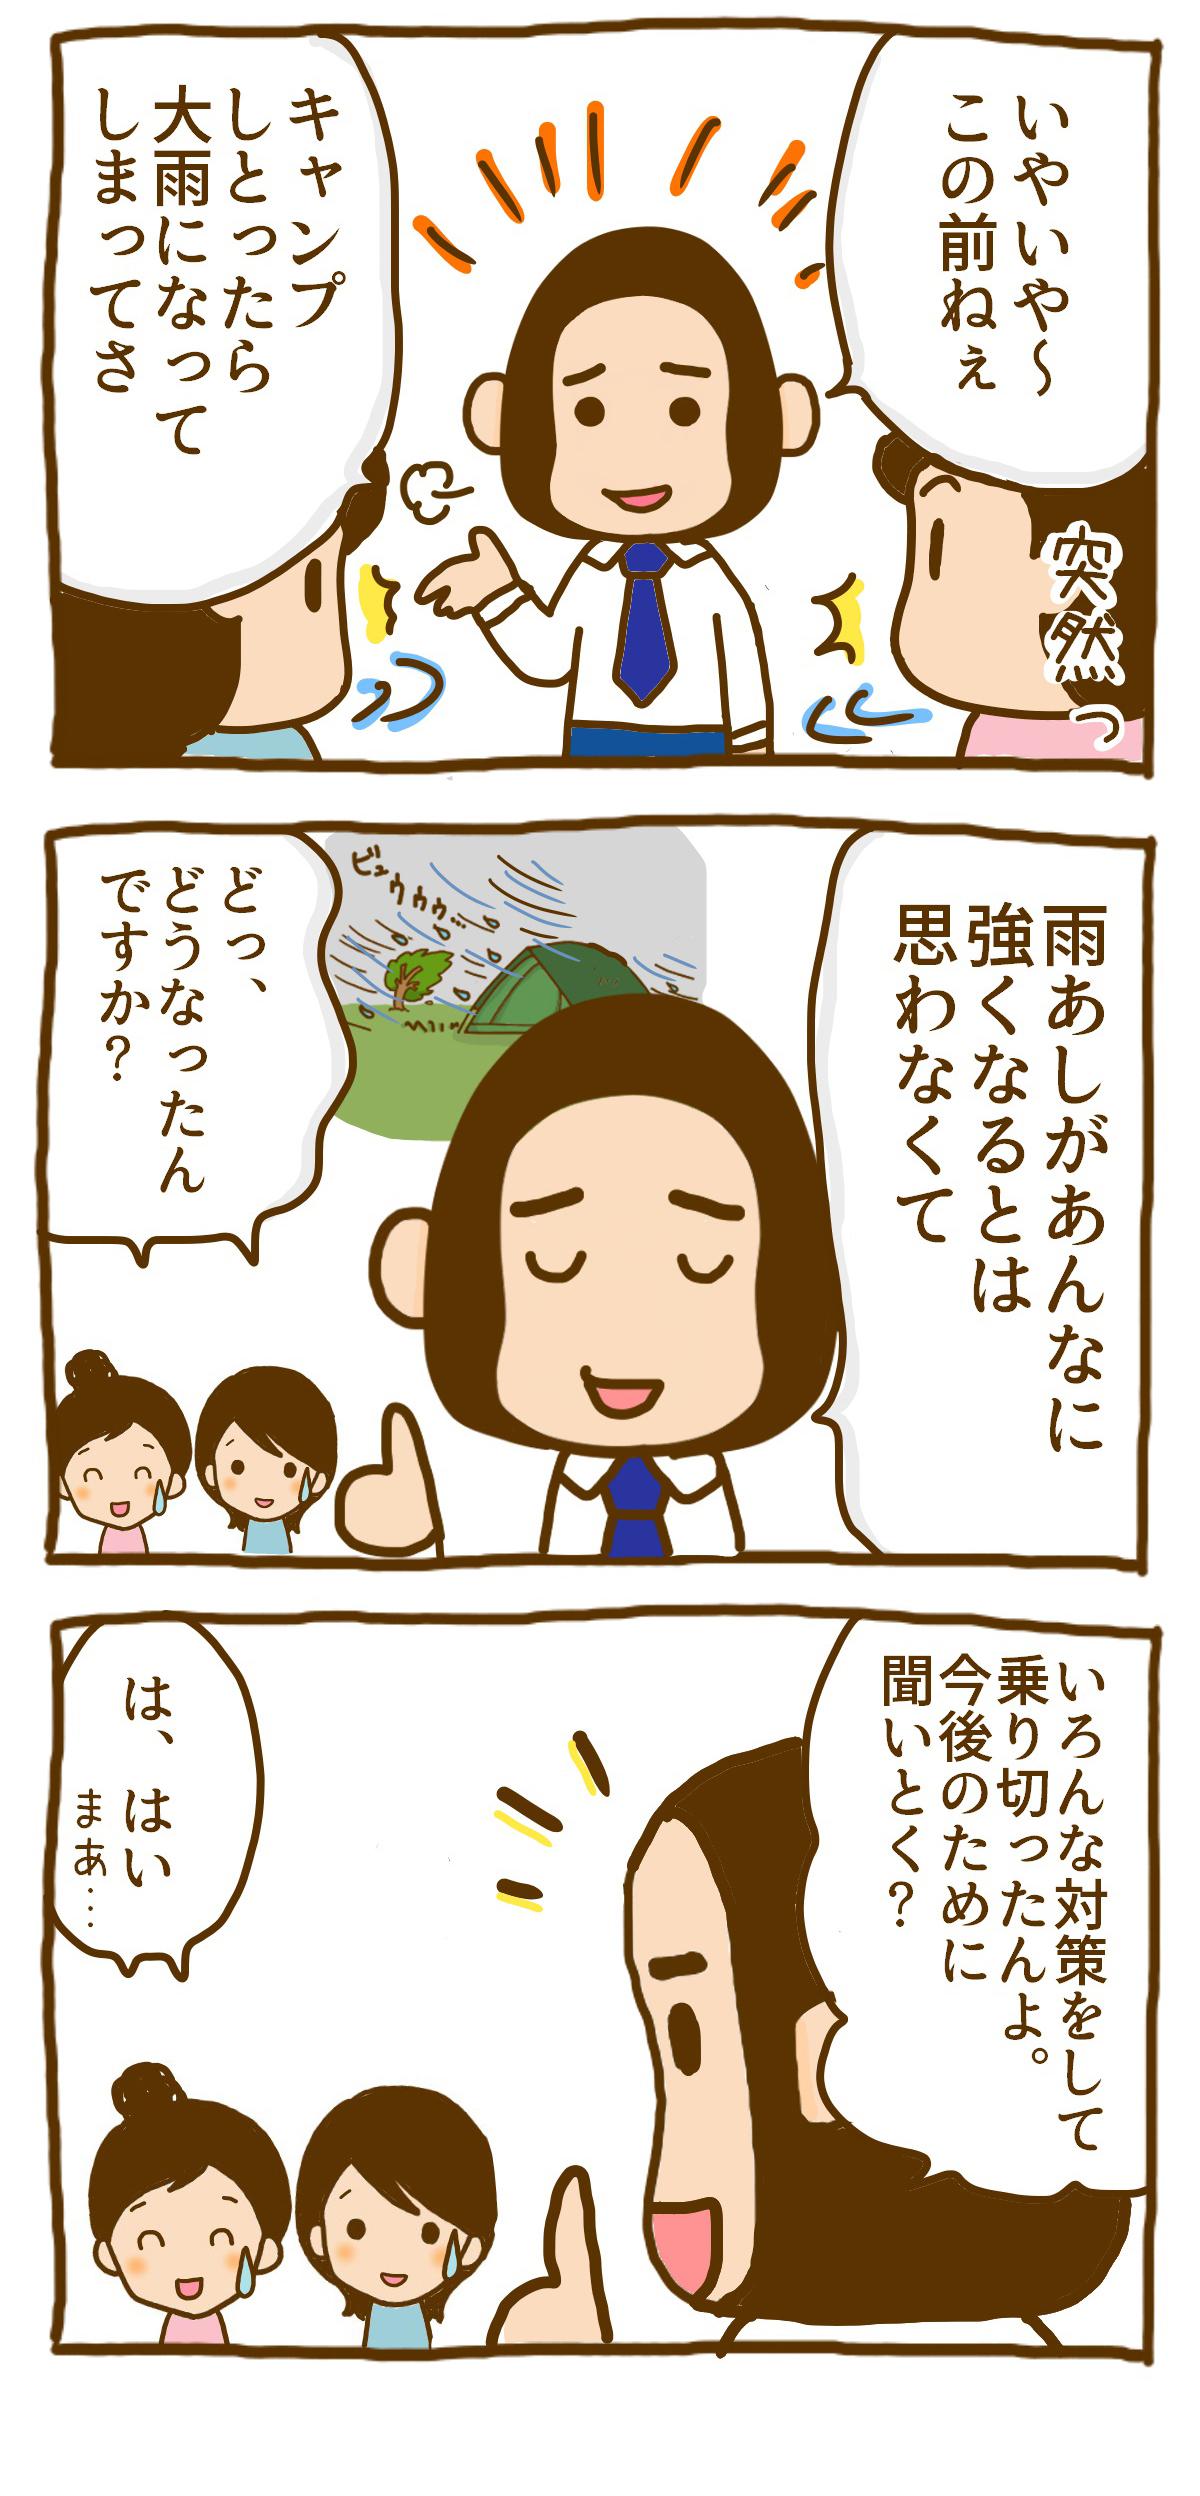 漫画3コマ目